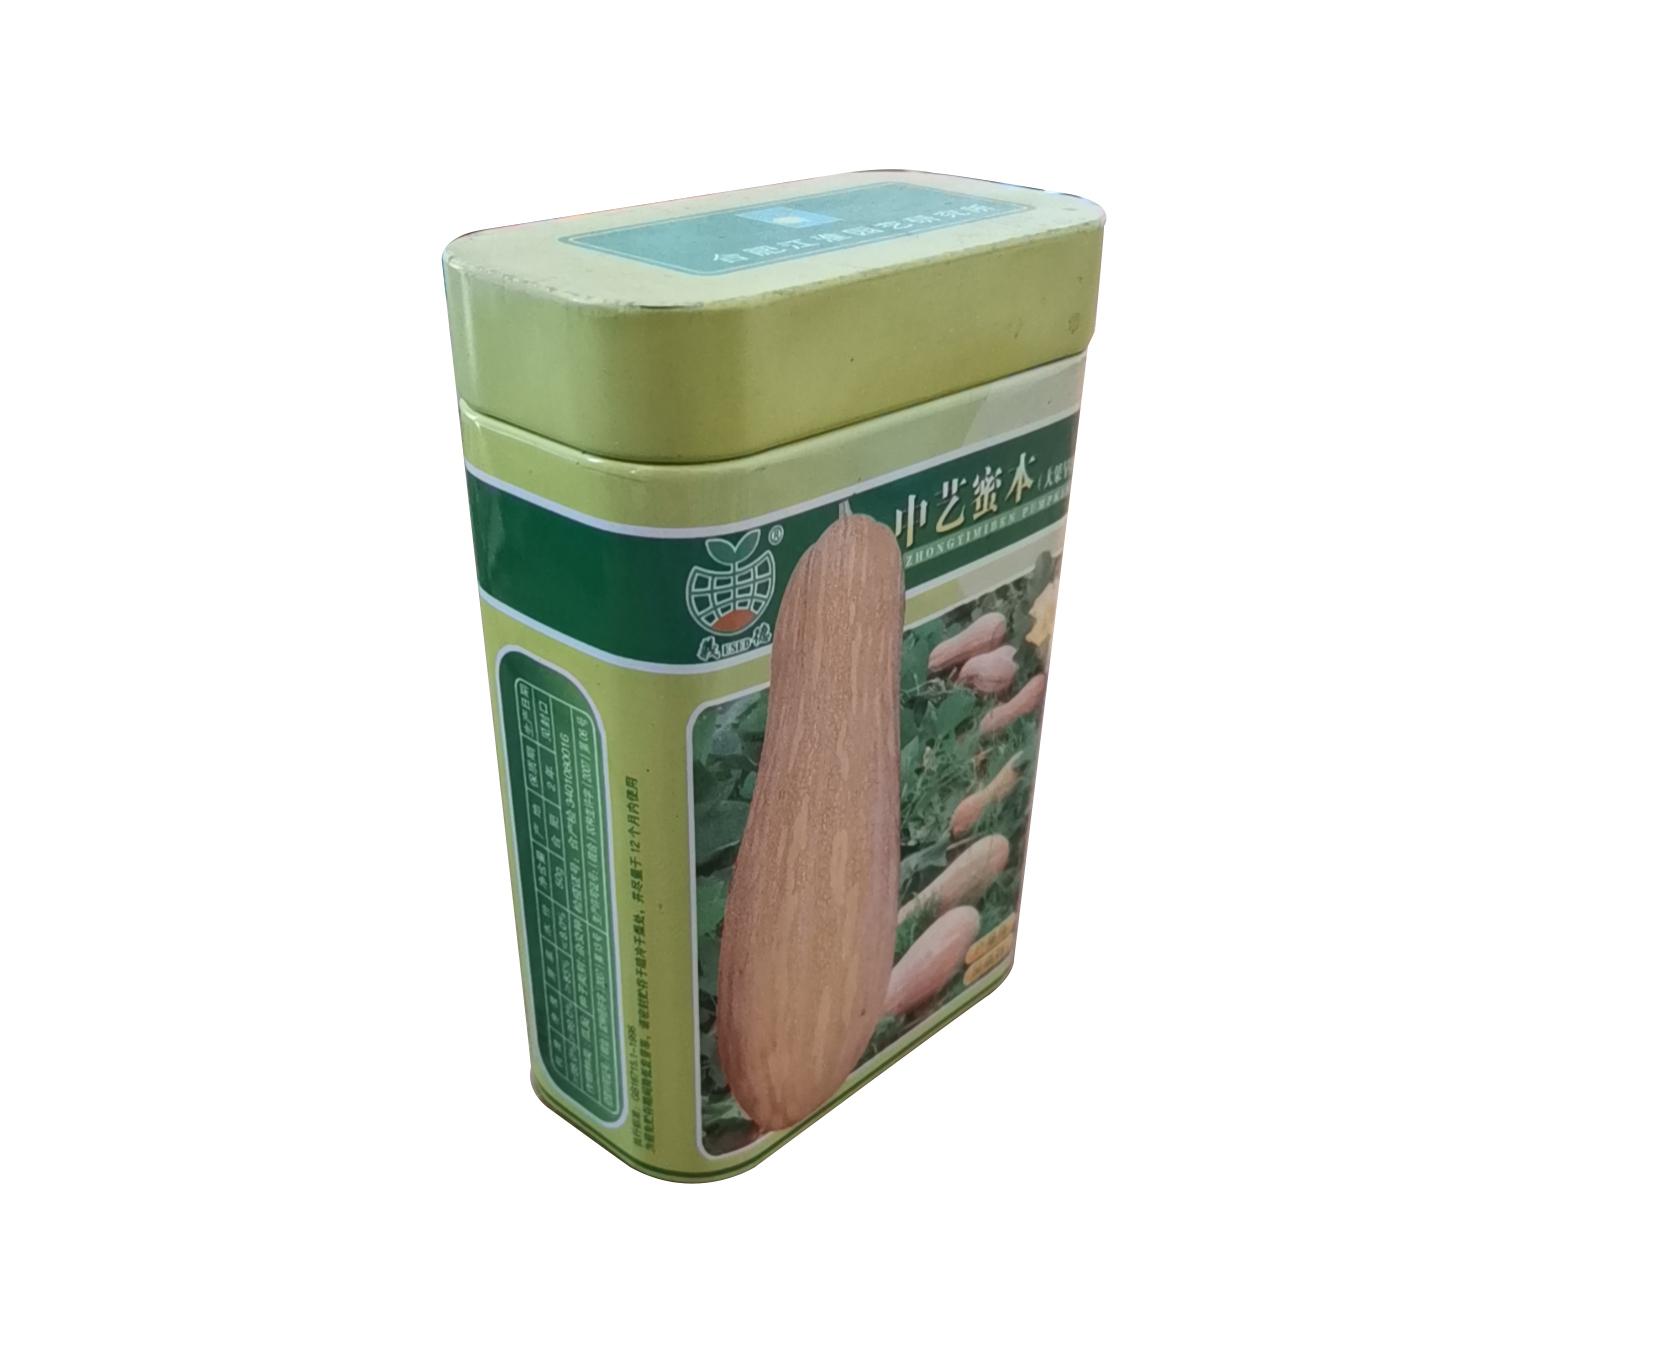 南瓜种子铁罐